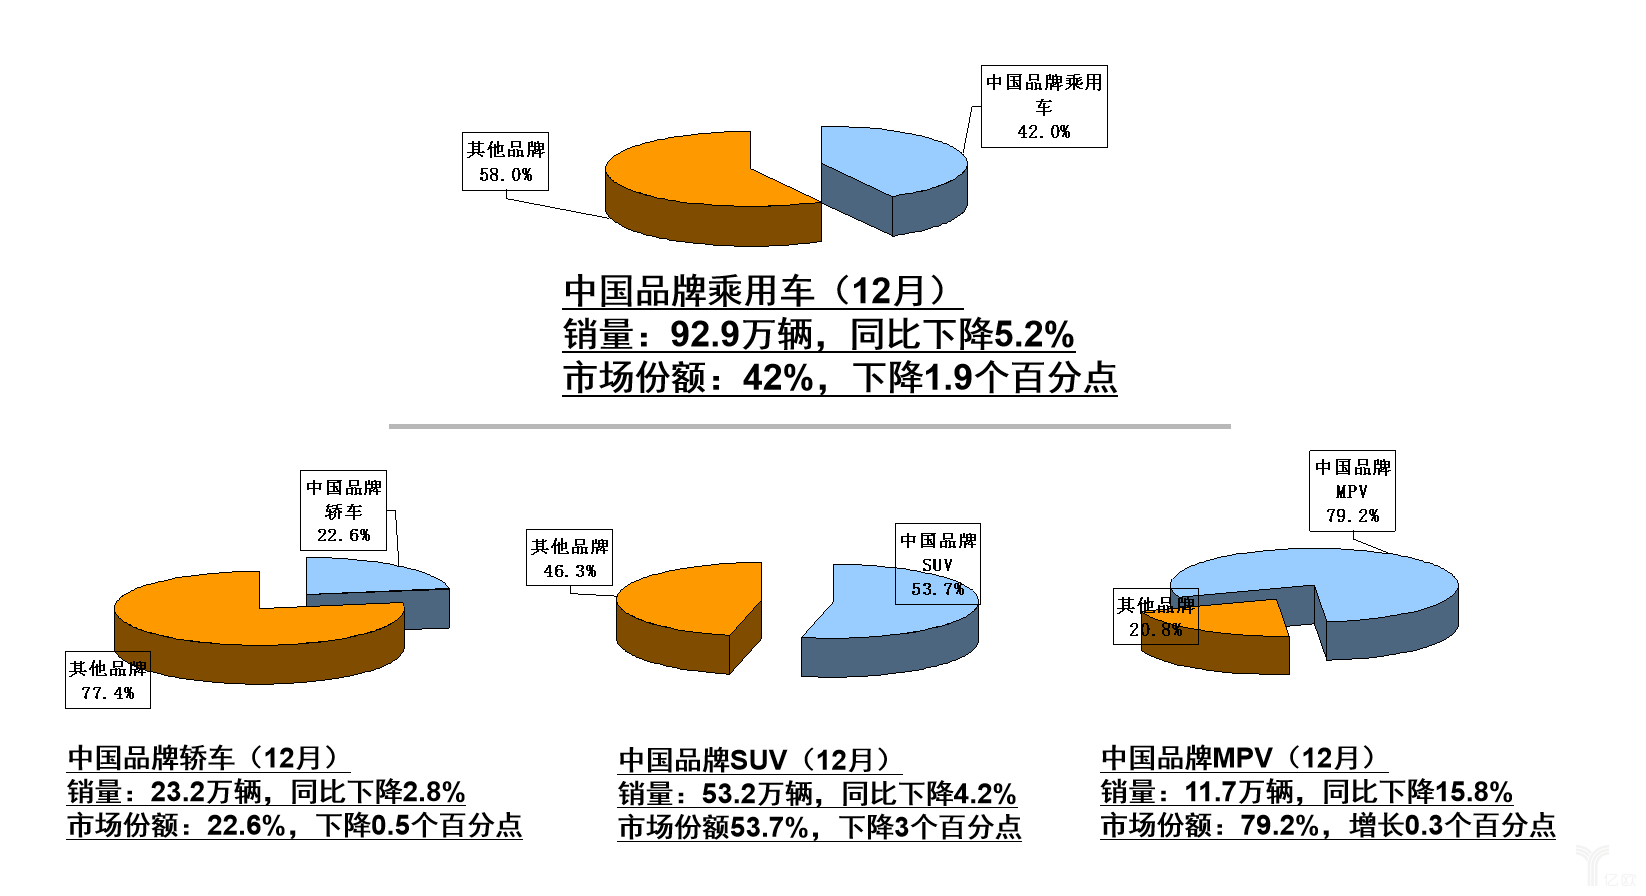 12月中国品牌乘用车销量与市场份额统计